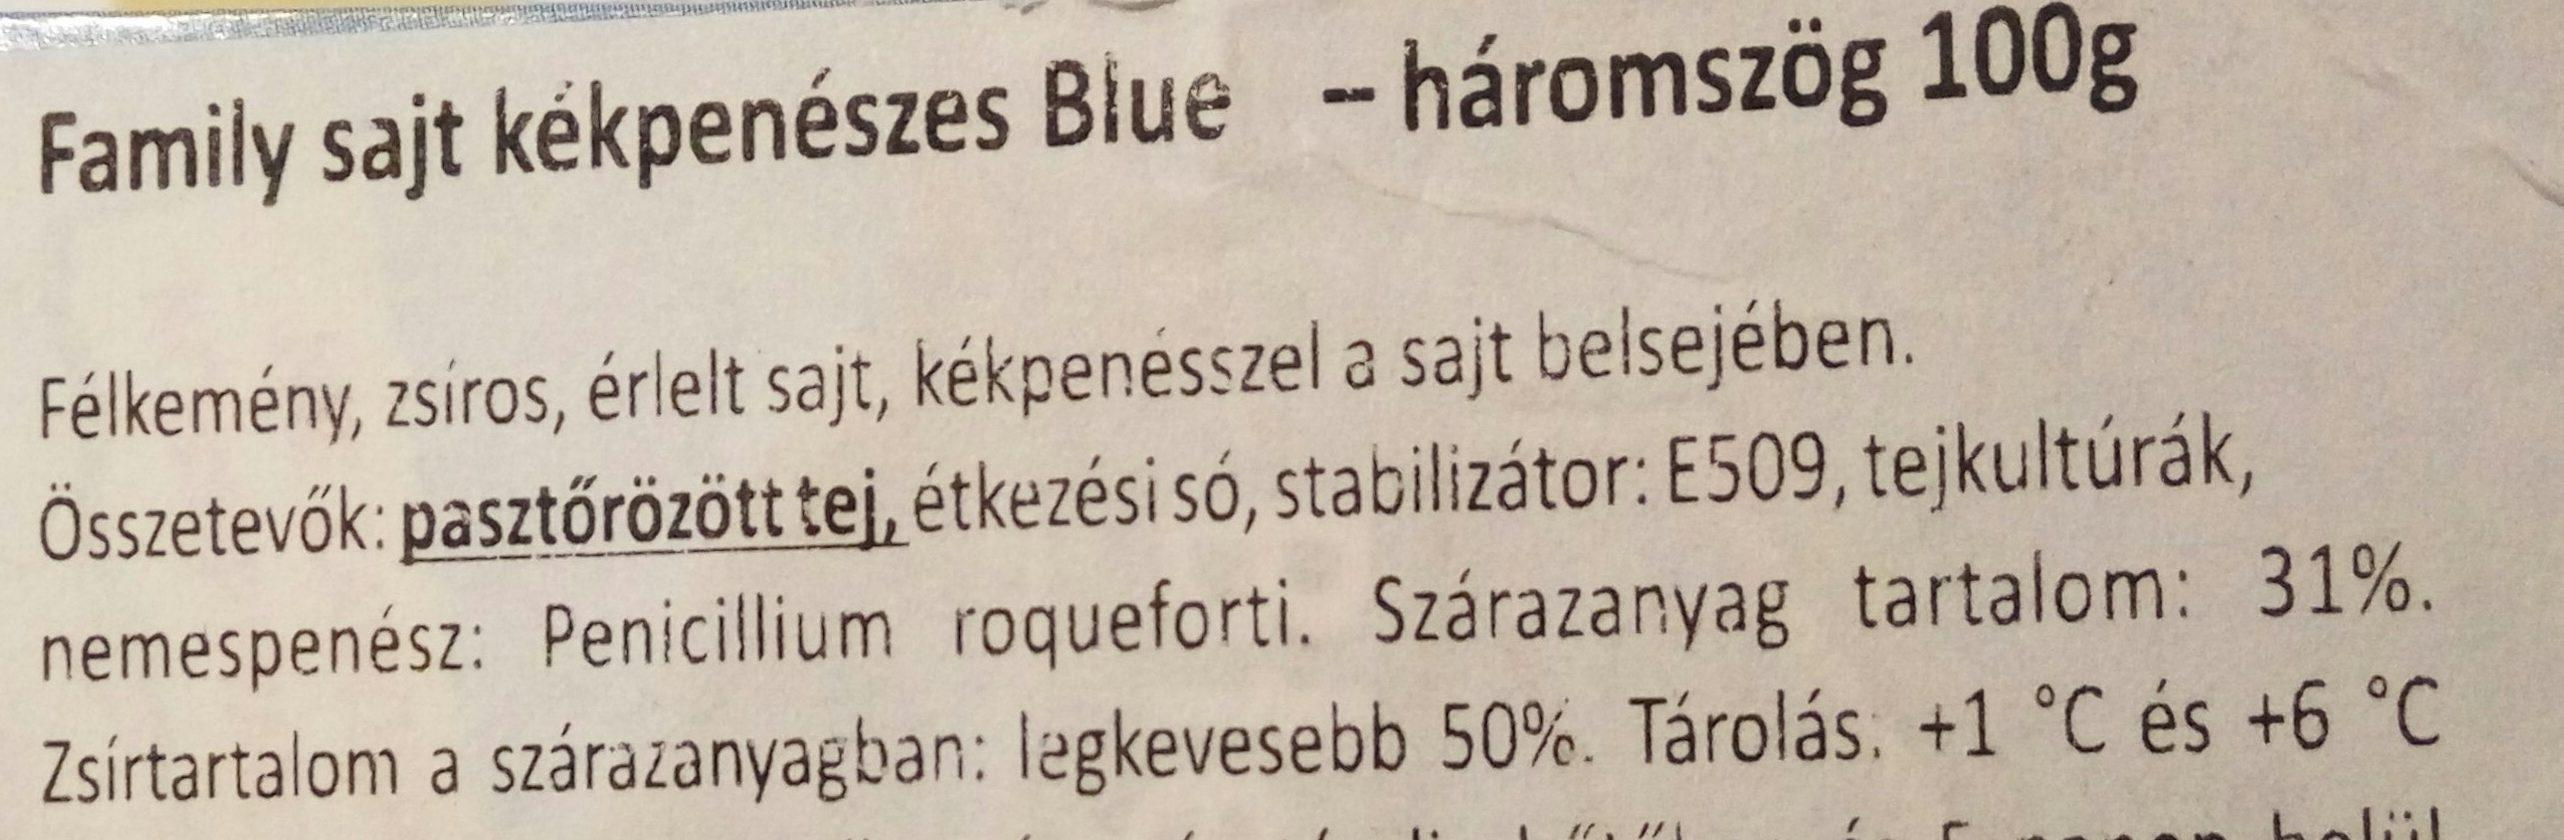 Family sajt kékpenészes Blue háromszög - Ingrédients - hu